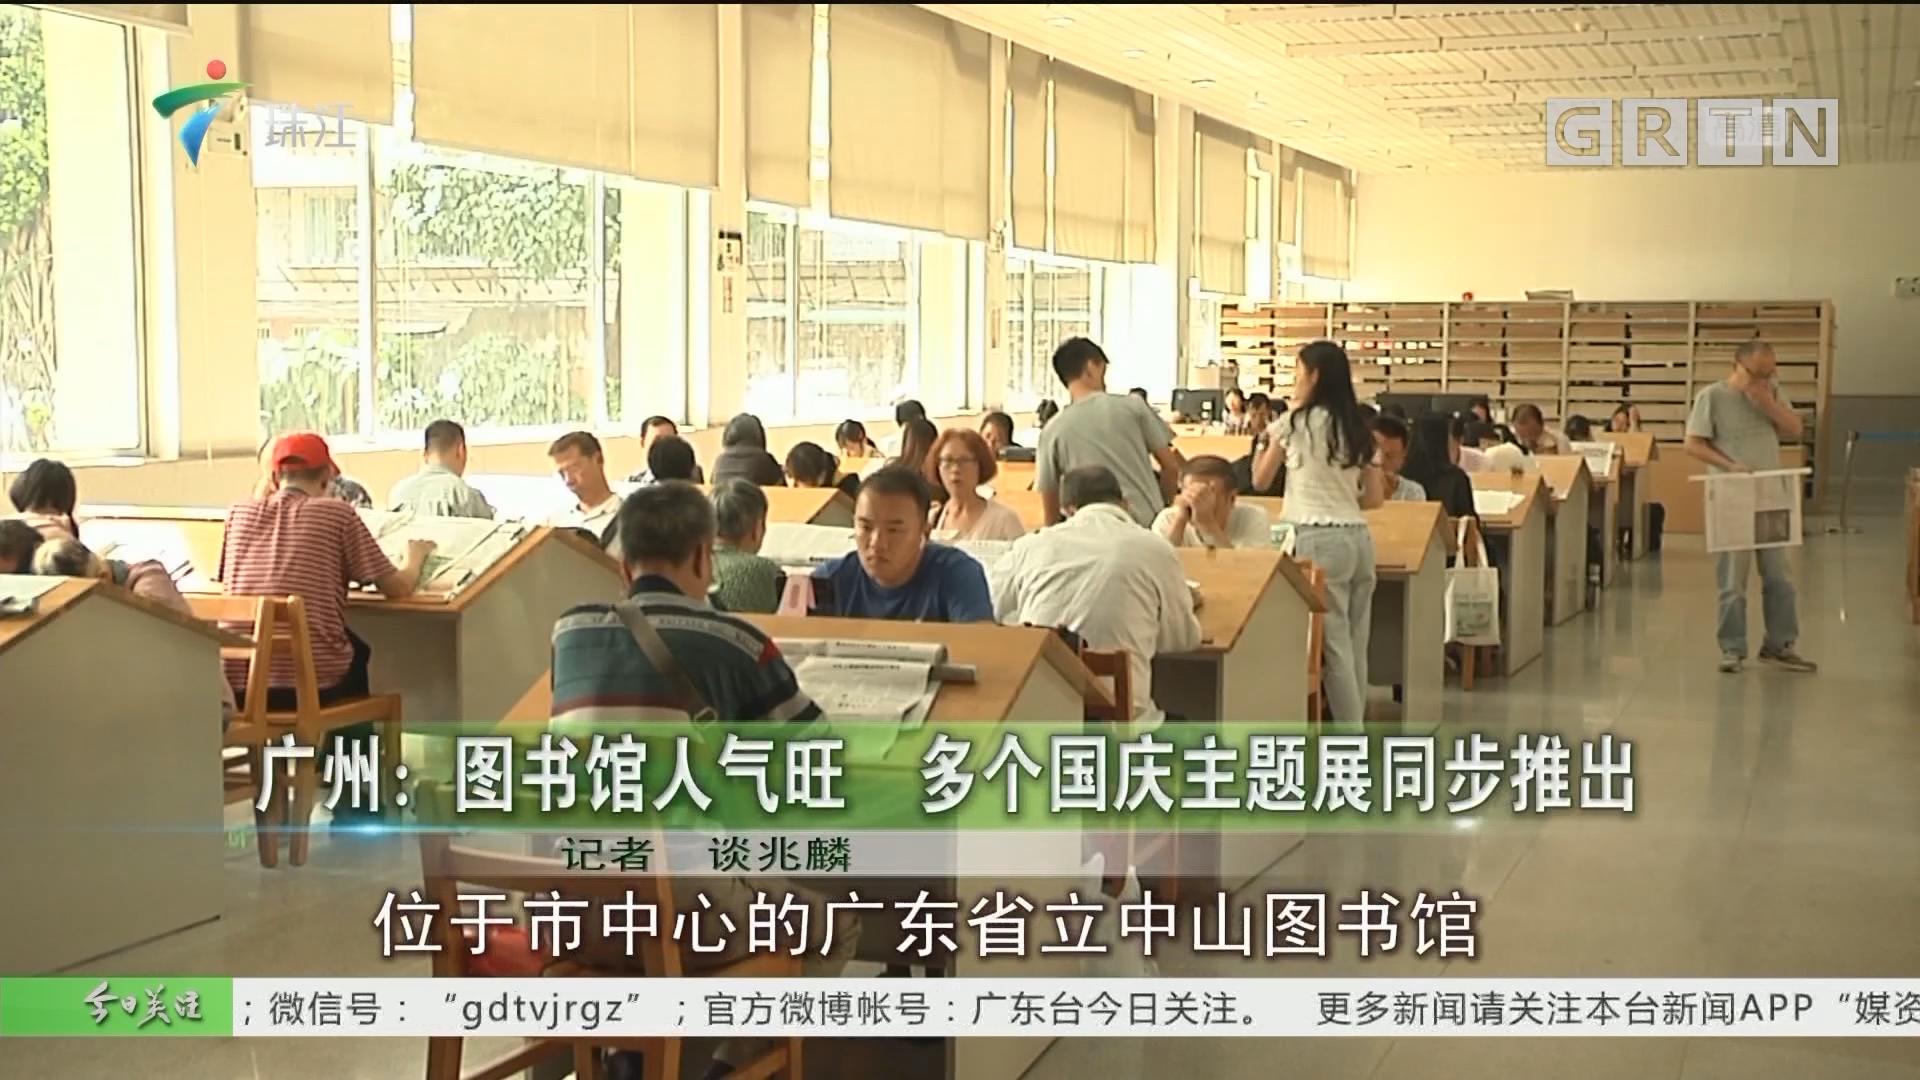 广州:图书馆人气旺 多个国庆主题展同步推出